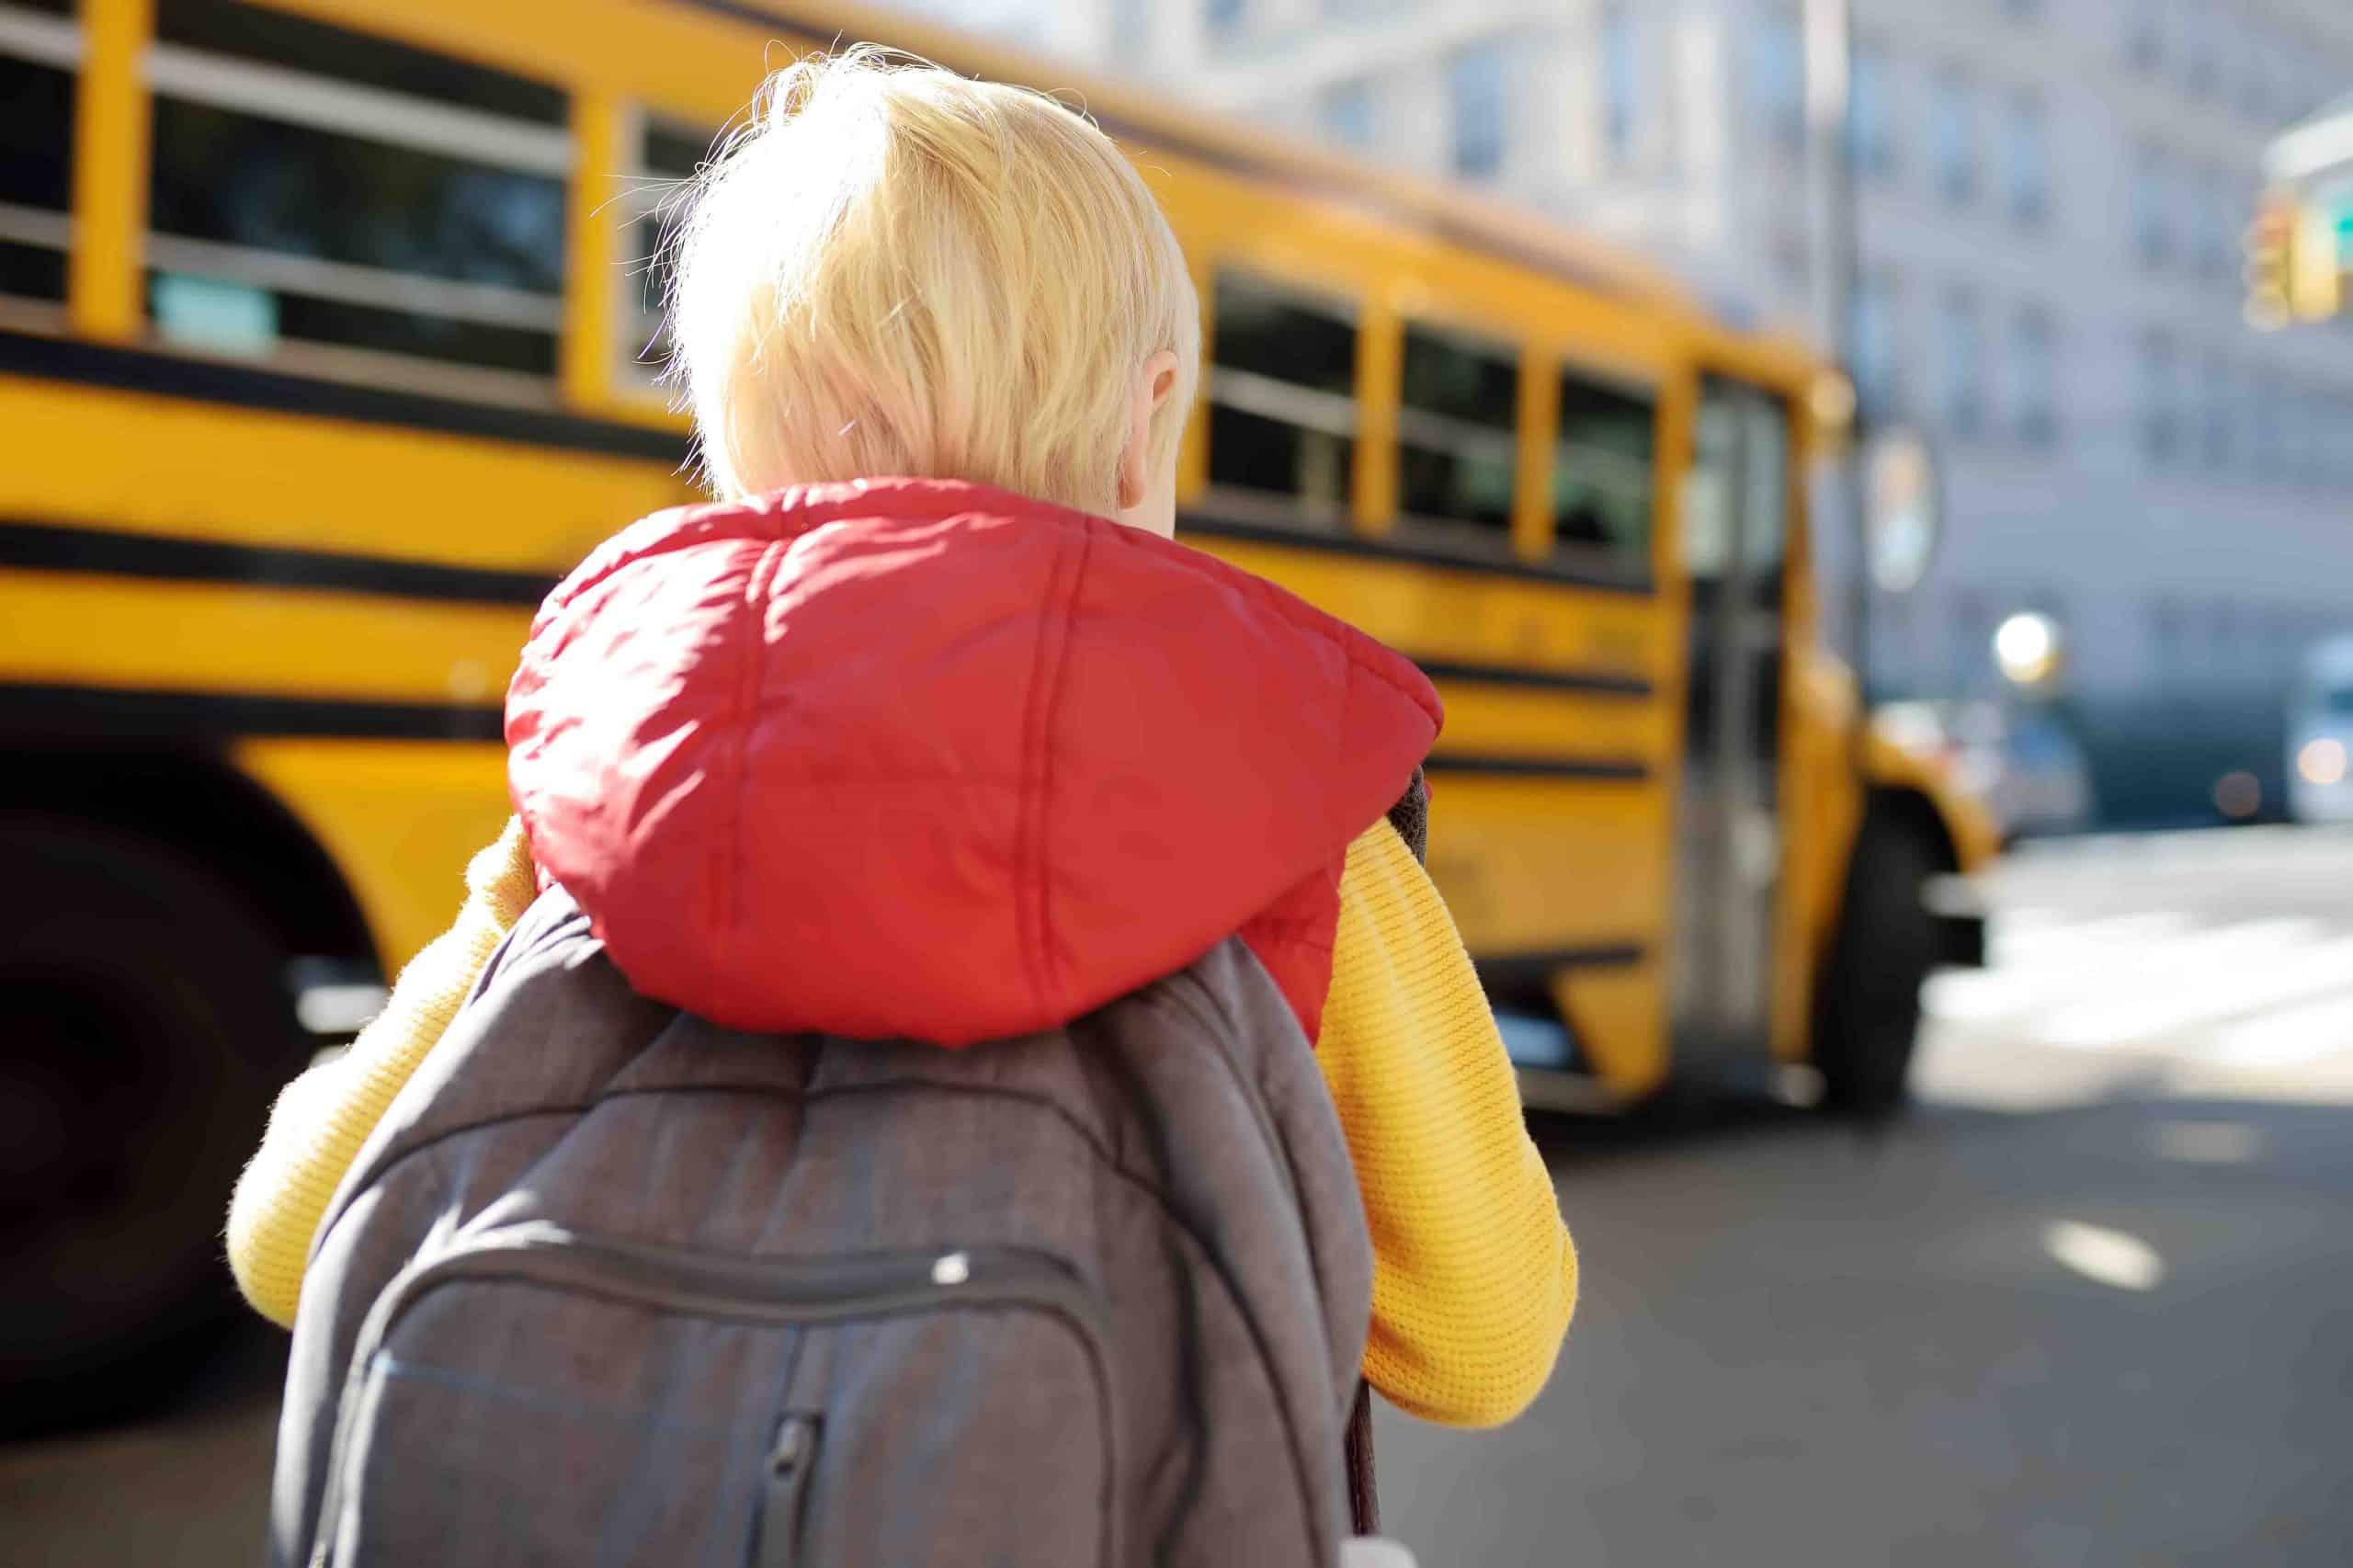 little boy heading towards school bus